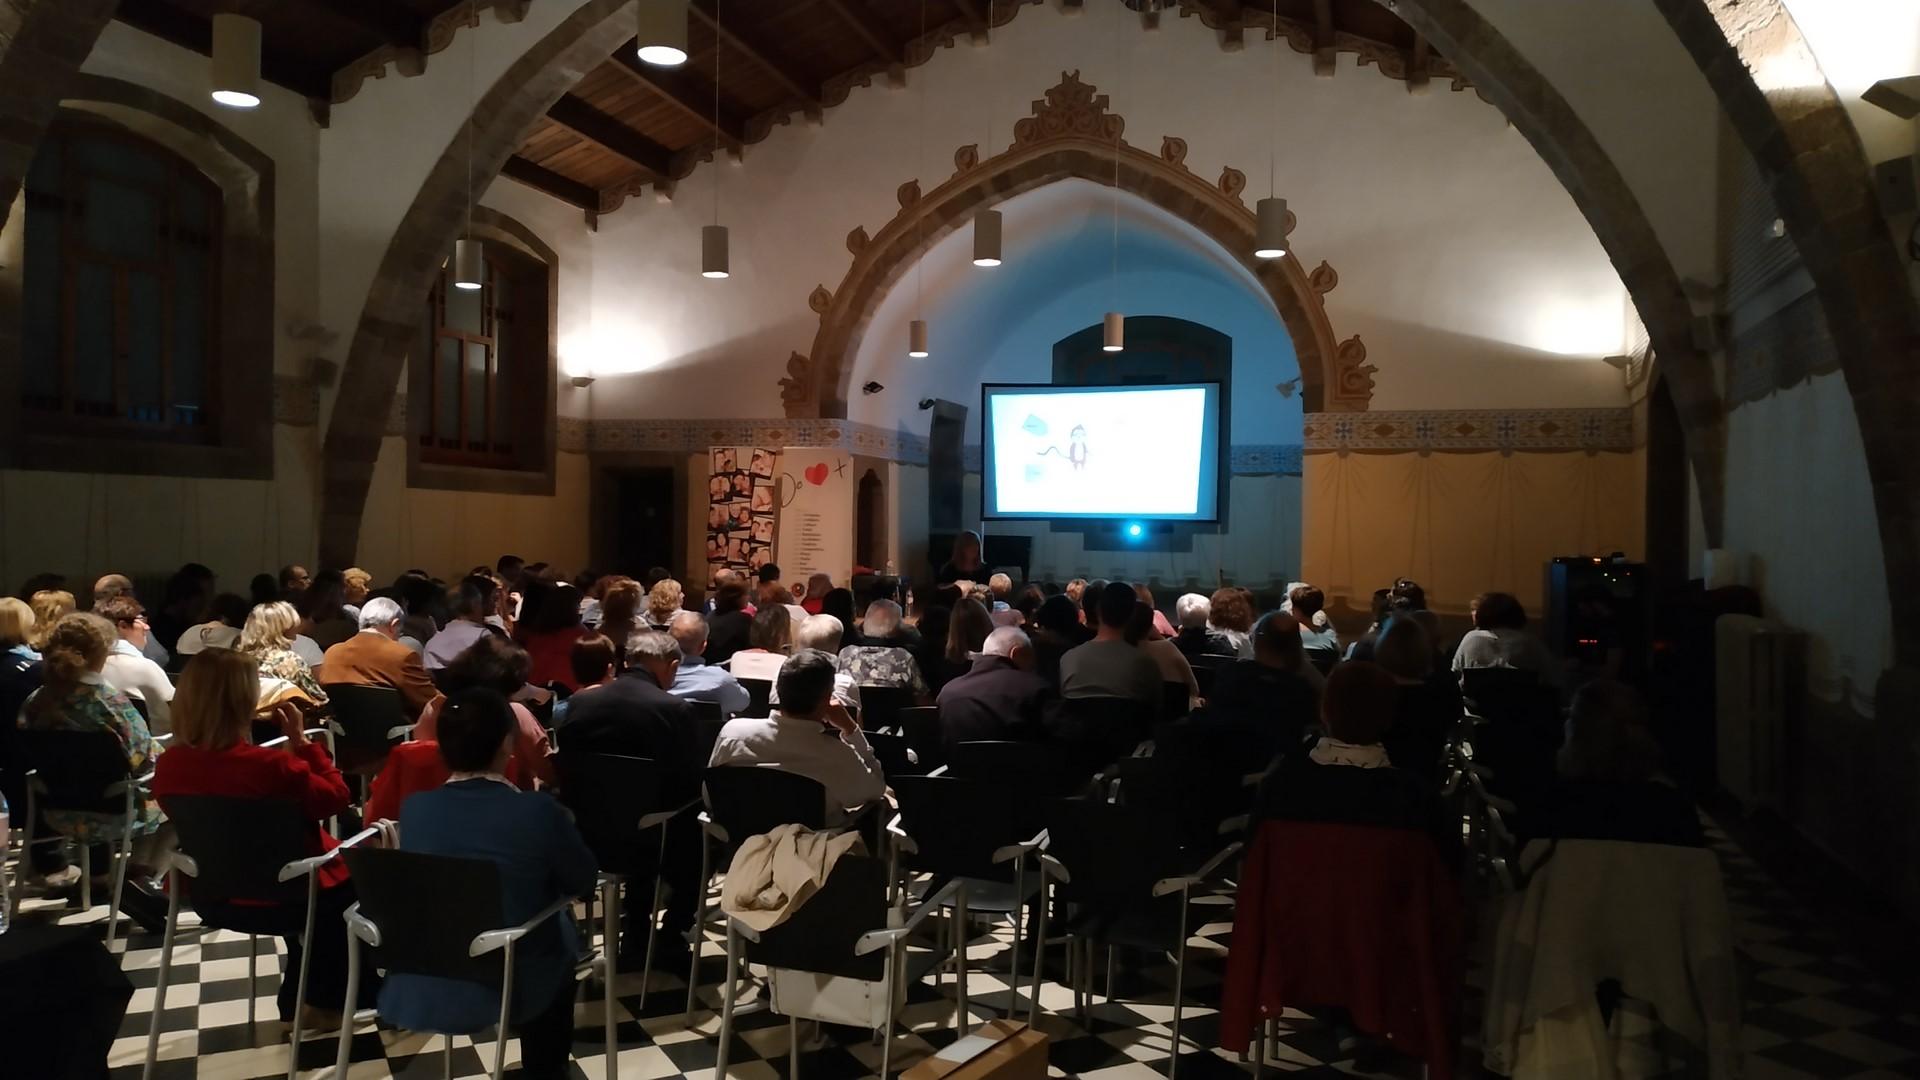 conferencia-grancentre-granollers-jennymoix-2 (Copiar)